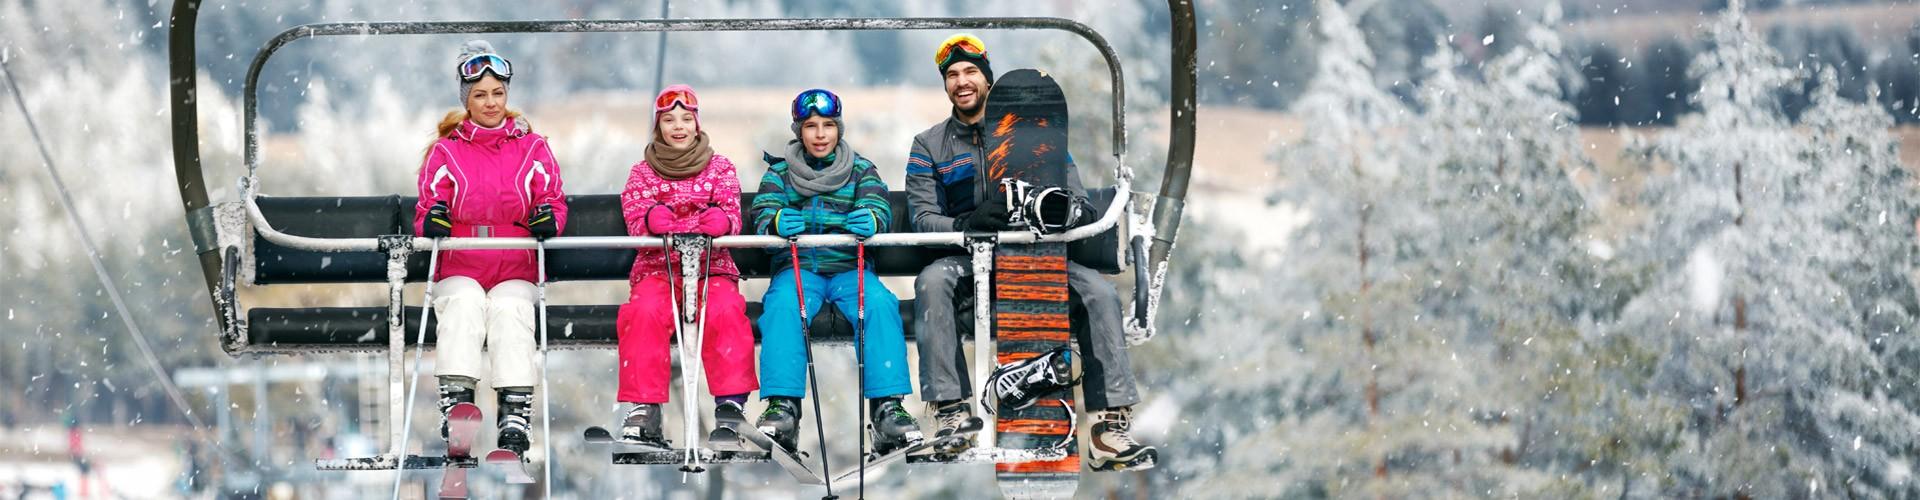 Skifahren mit der Familie in Berchtesgaden